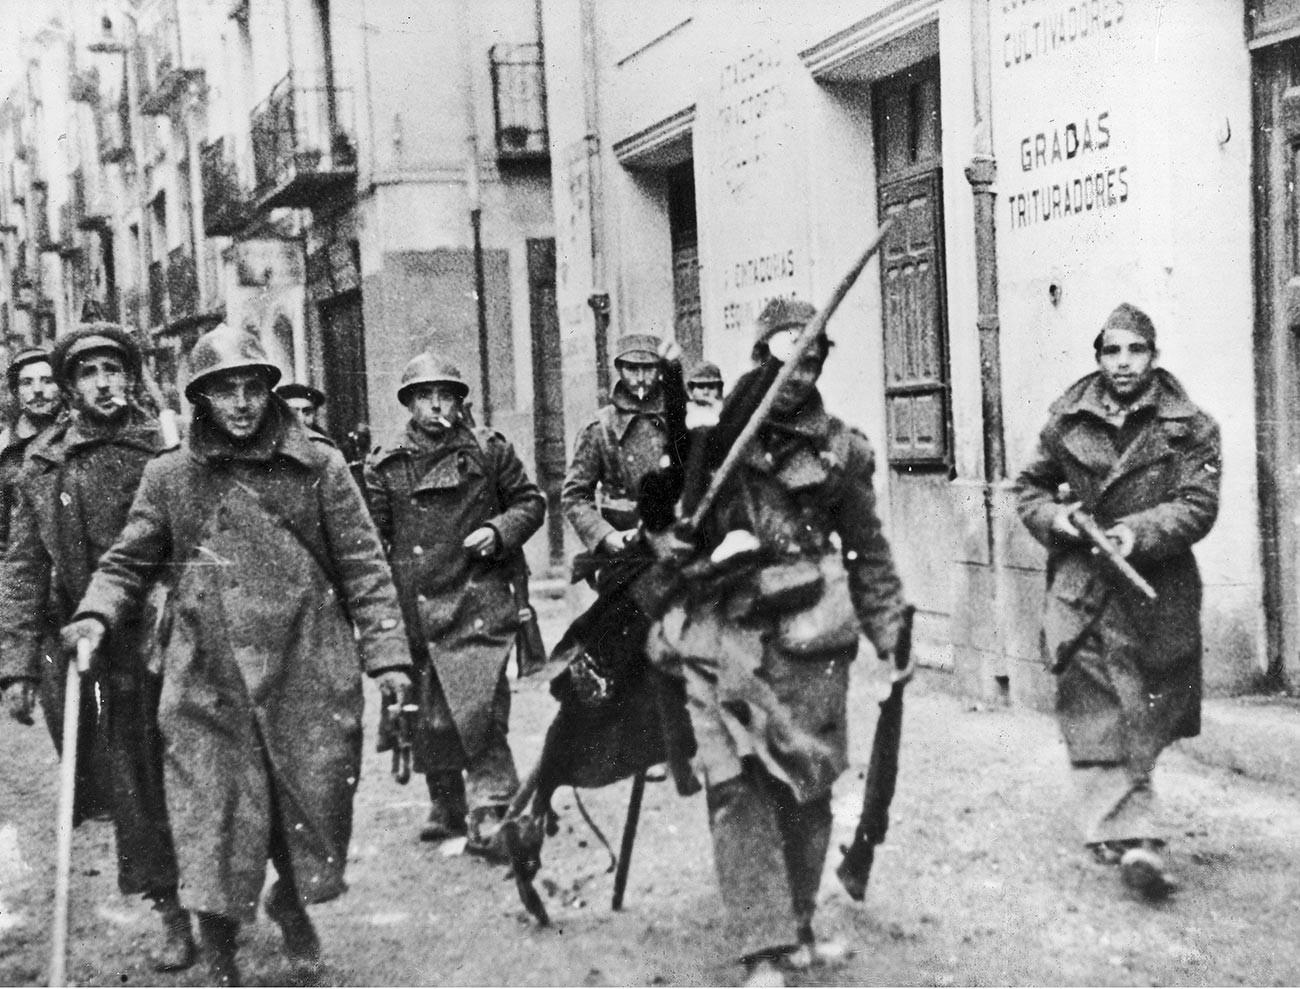 Soldaten der republikanischen Armee während des Bürgerkrieges in Spanien